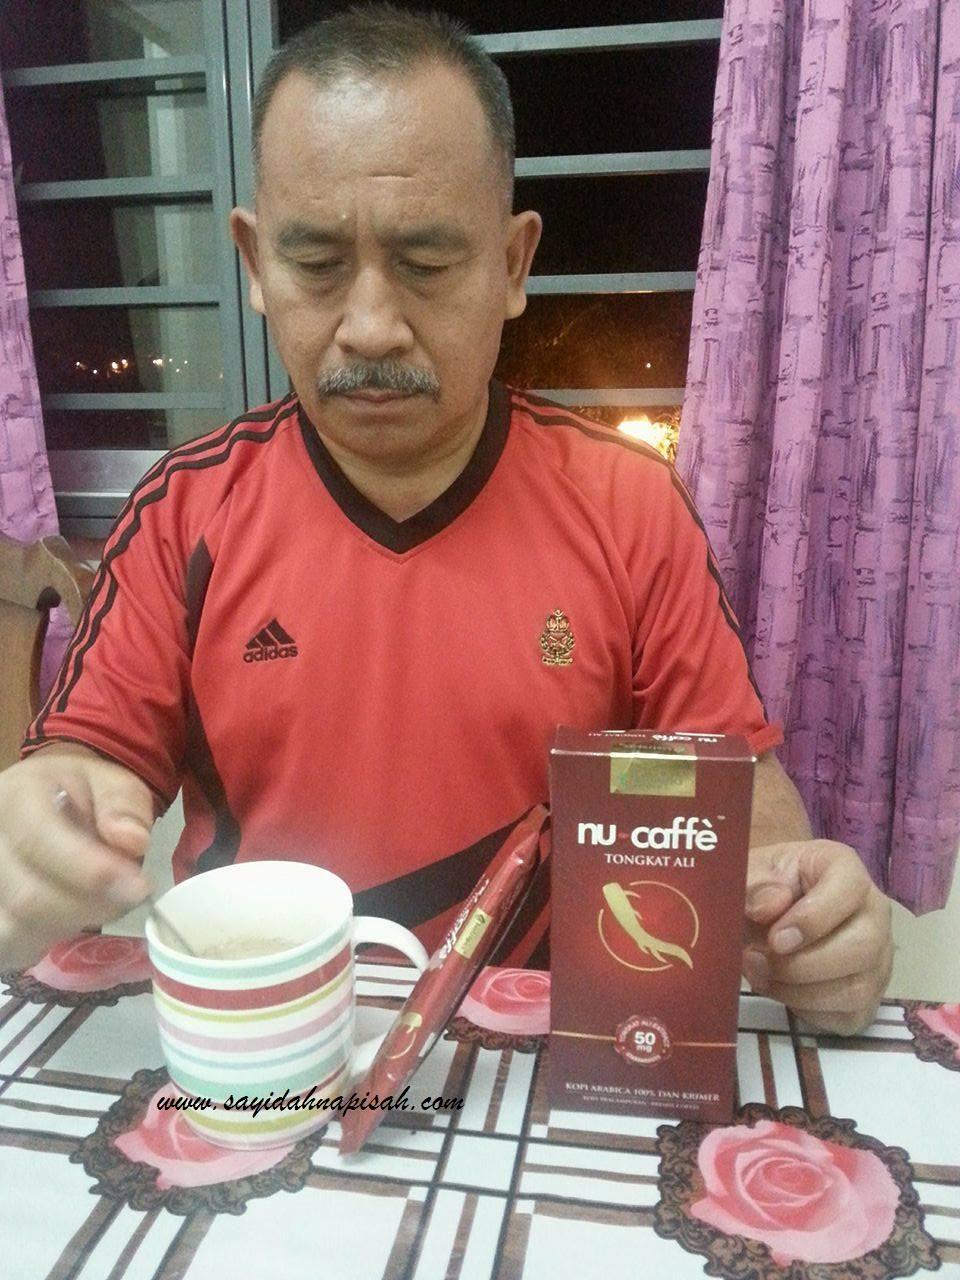 testimoni nucaffe